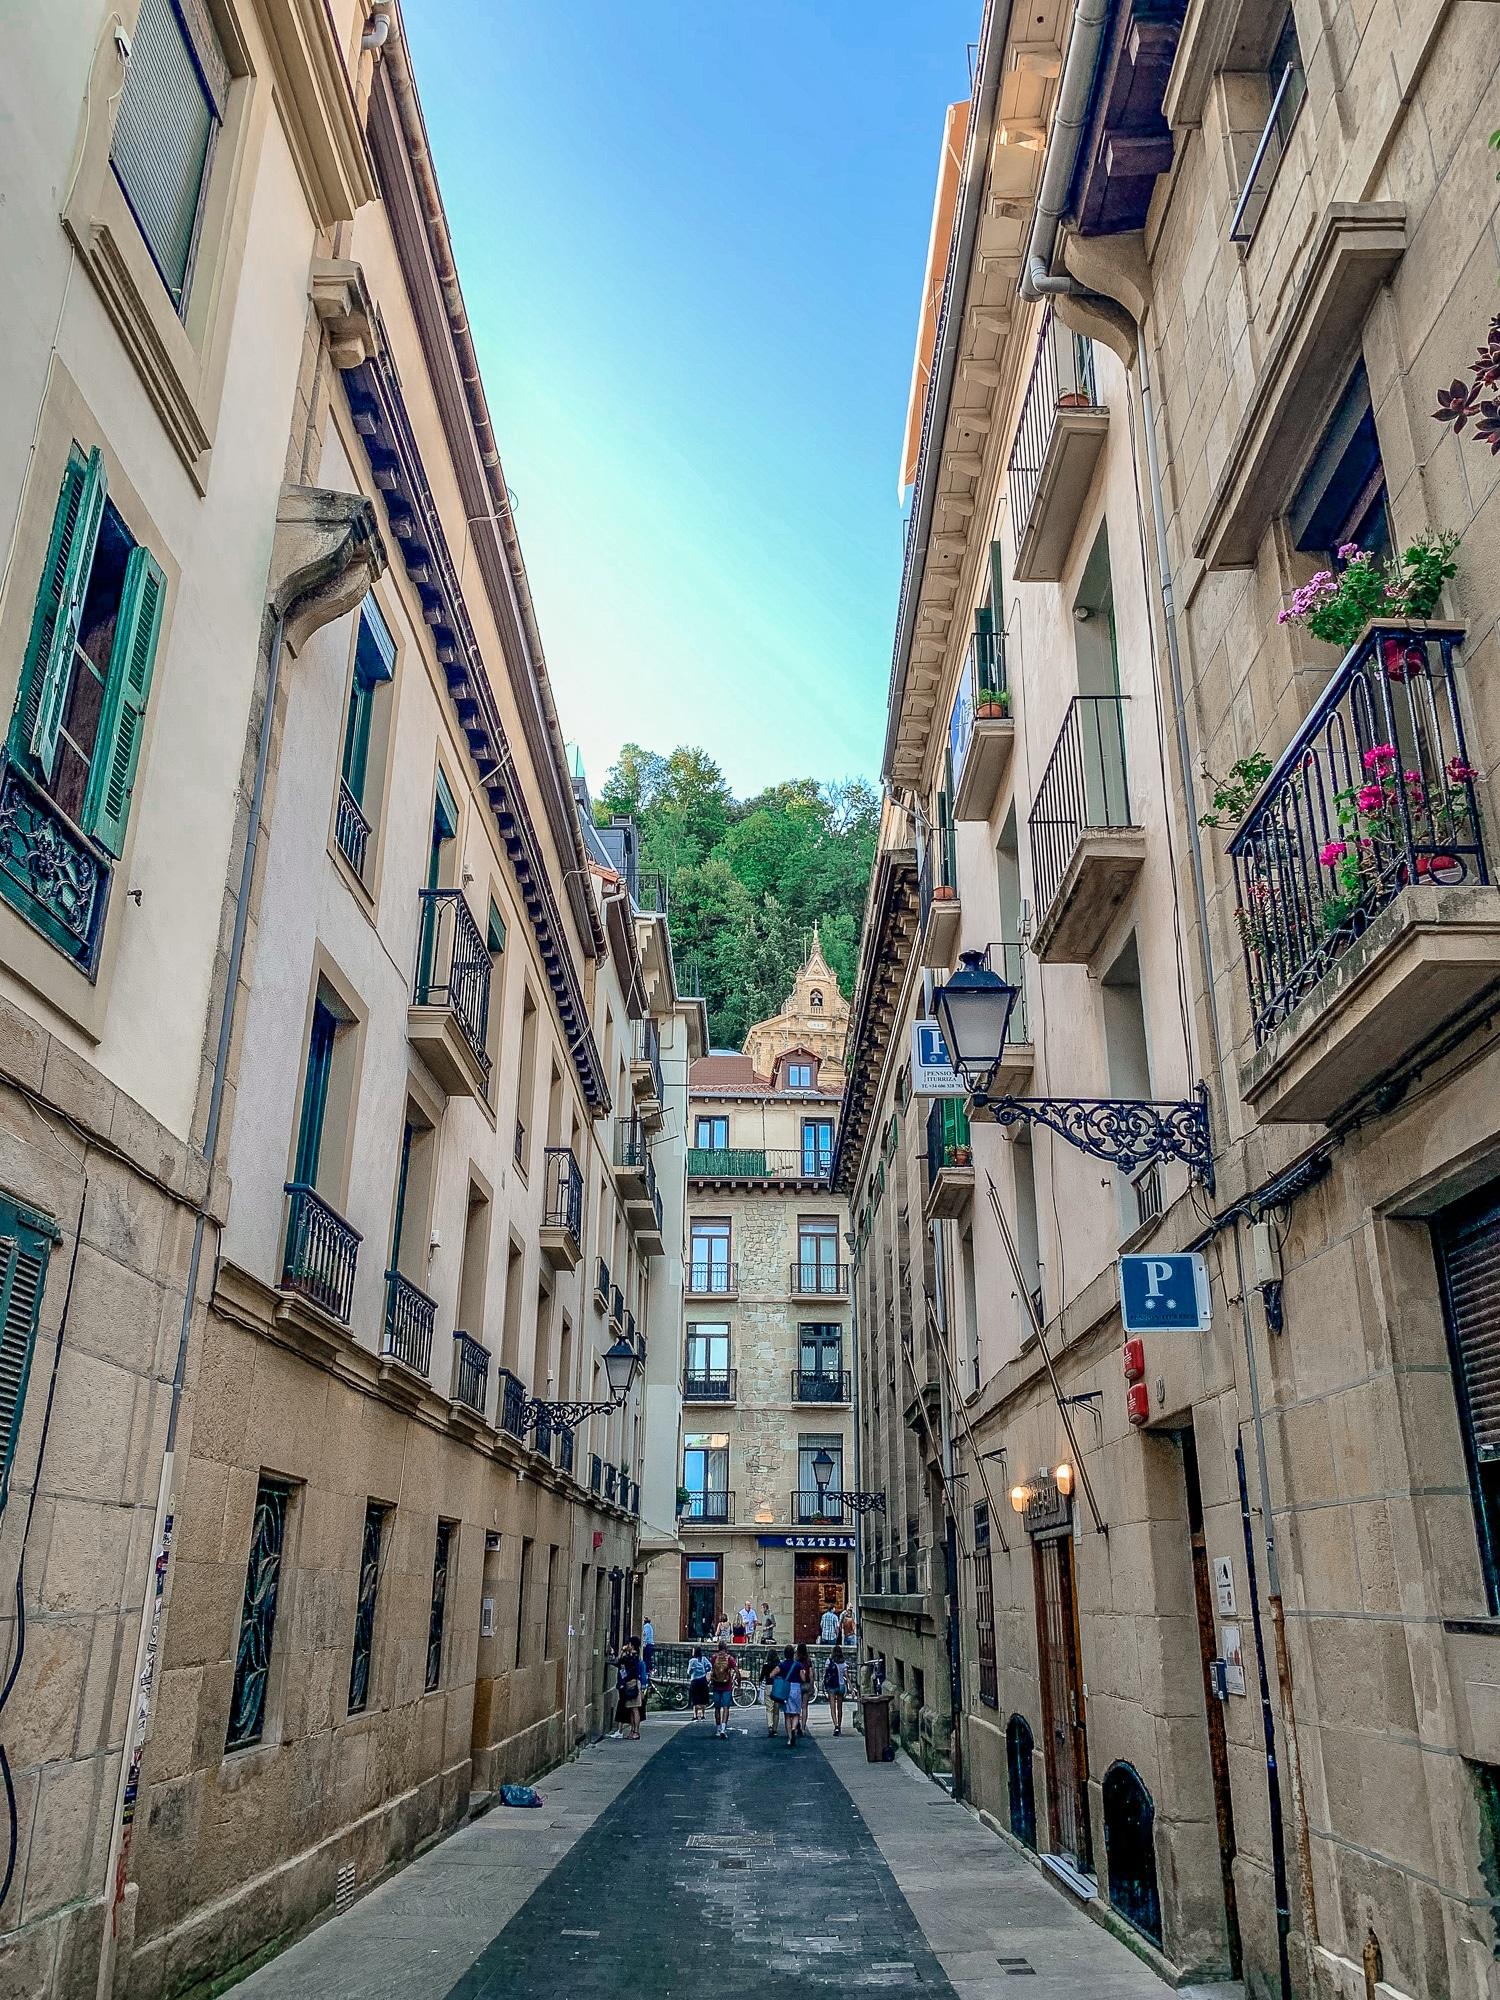 San Sebastián Sehenswürdigkeiten: Tipps für einen Donostia Tagesausflug - Altstadt